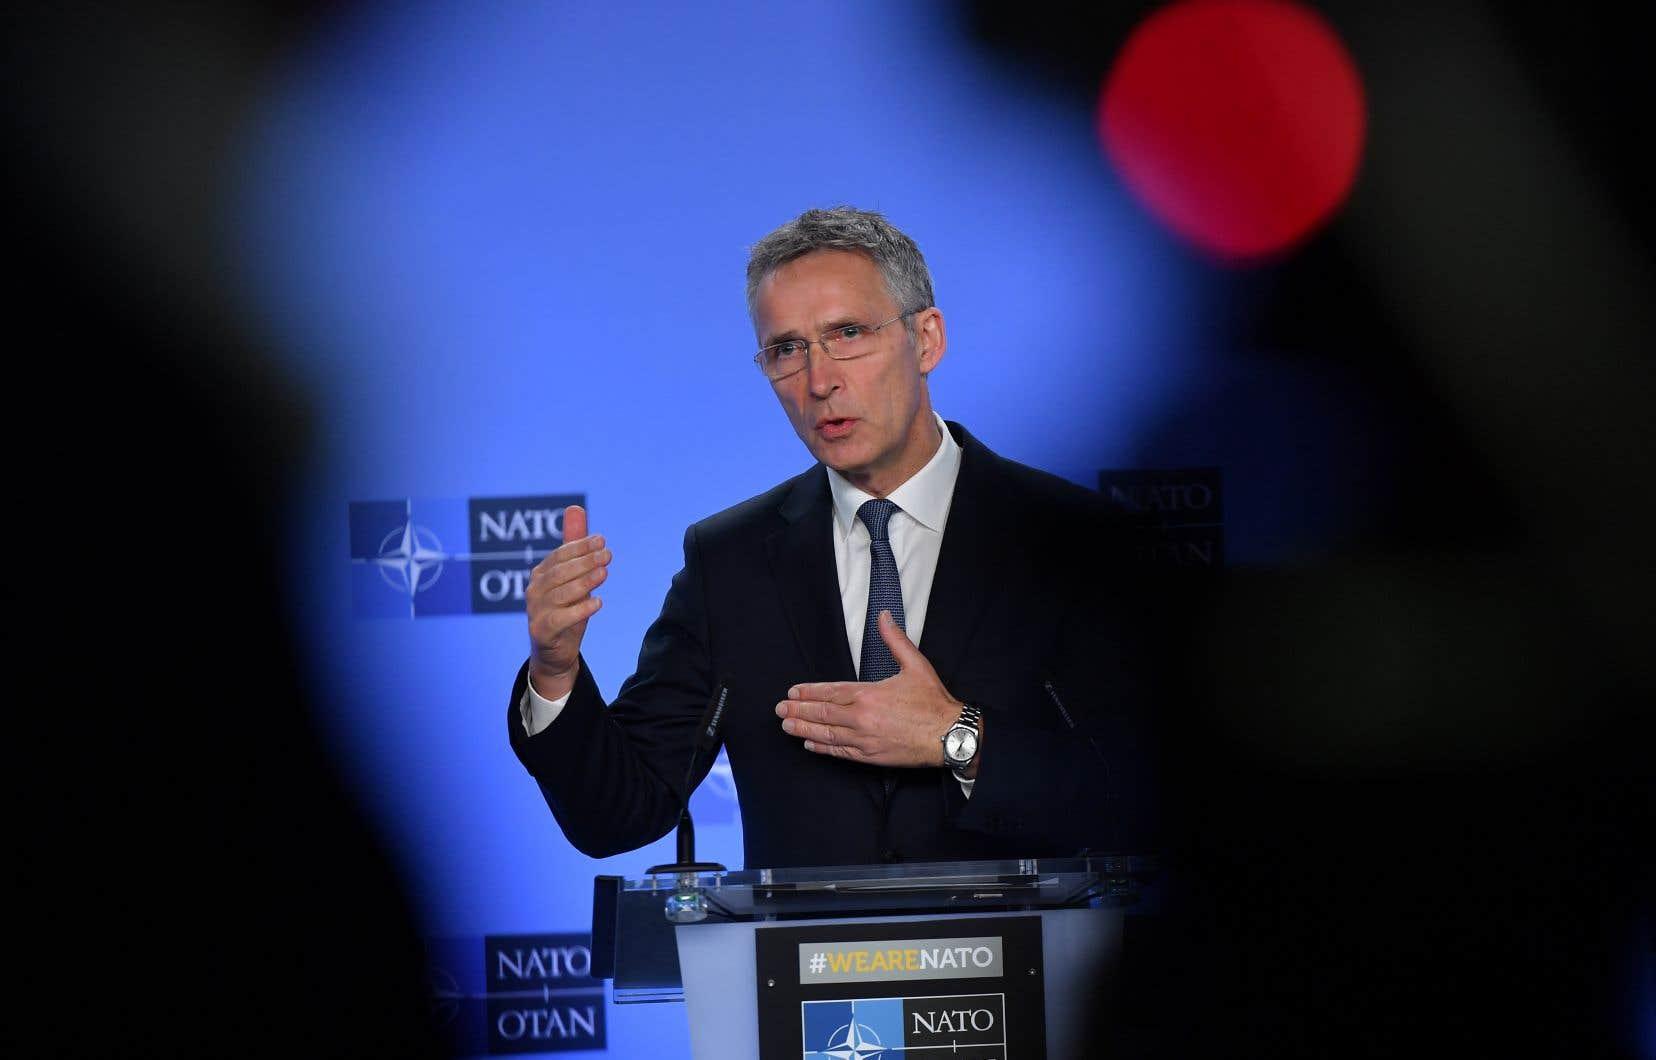 Le secrétaire général de l'Alliance atlantique, Jens Stoltenberg